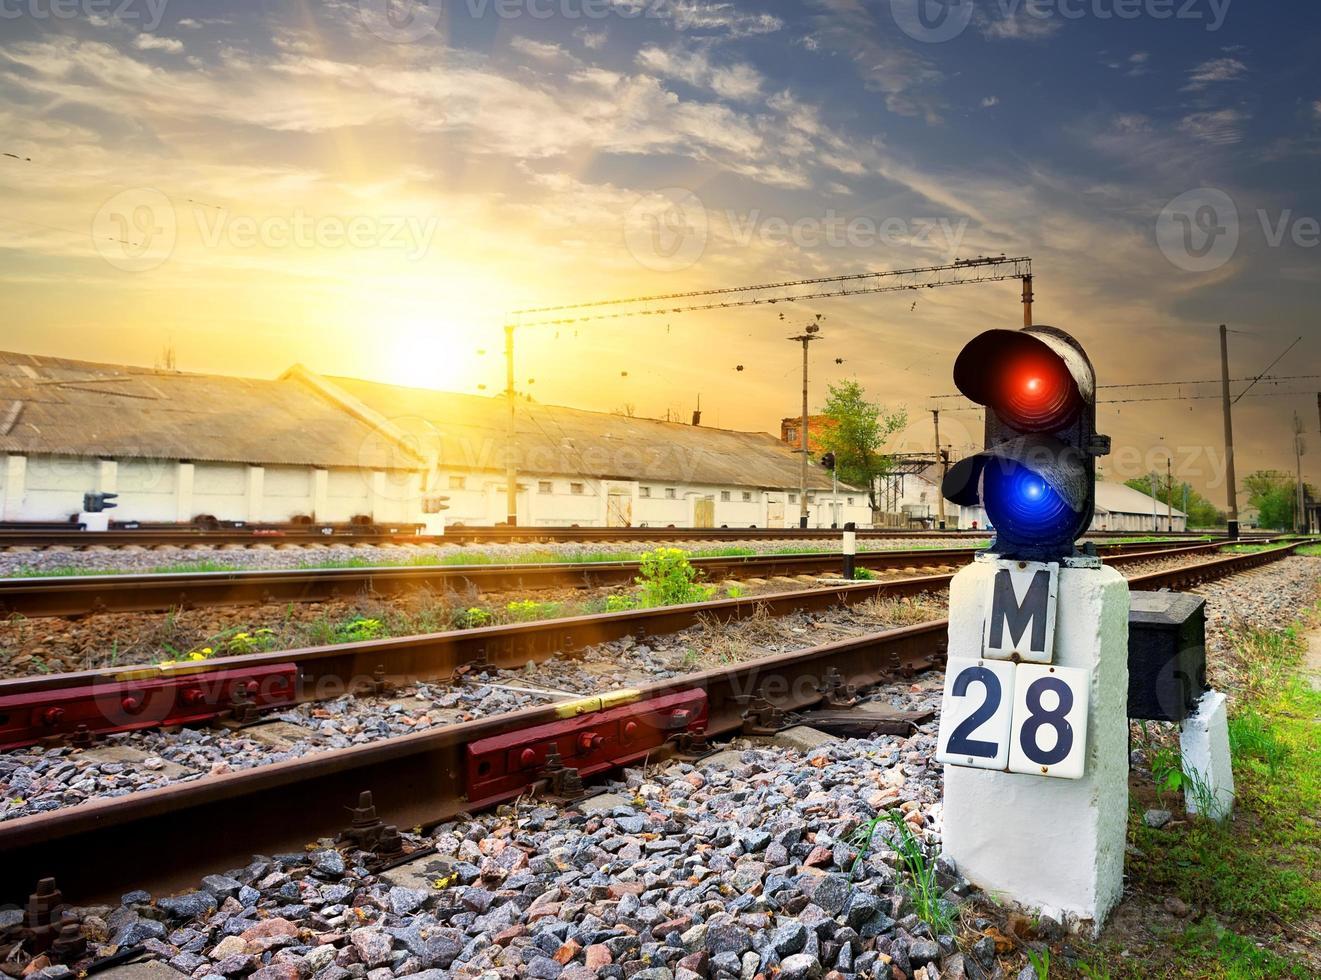 semáforo de ferrocarril foto